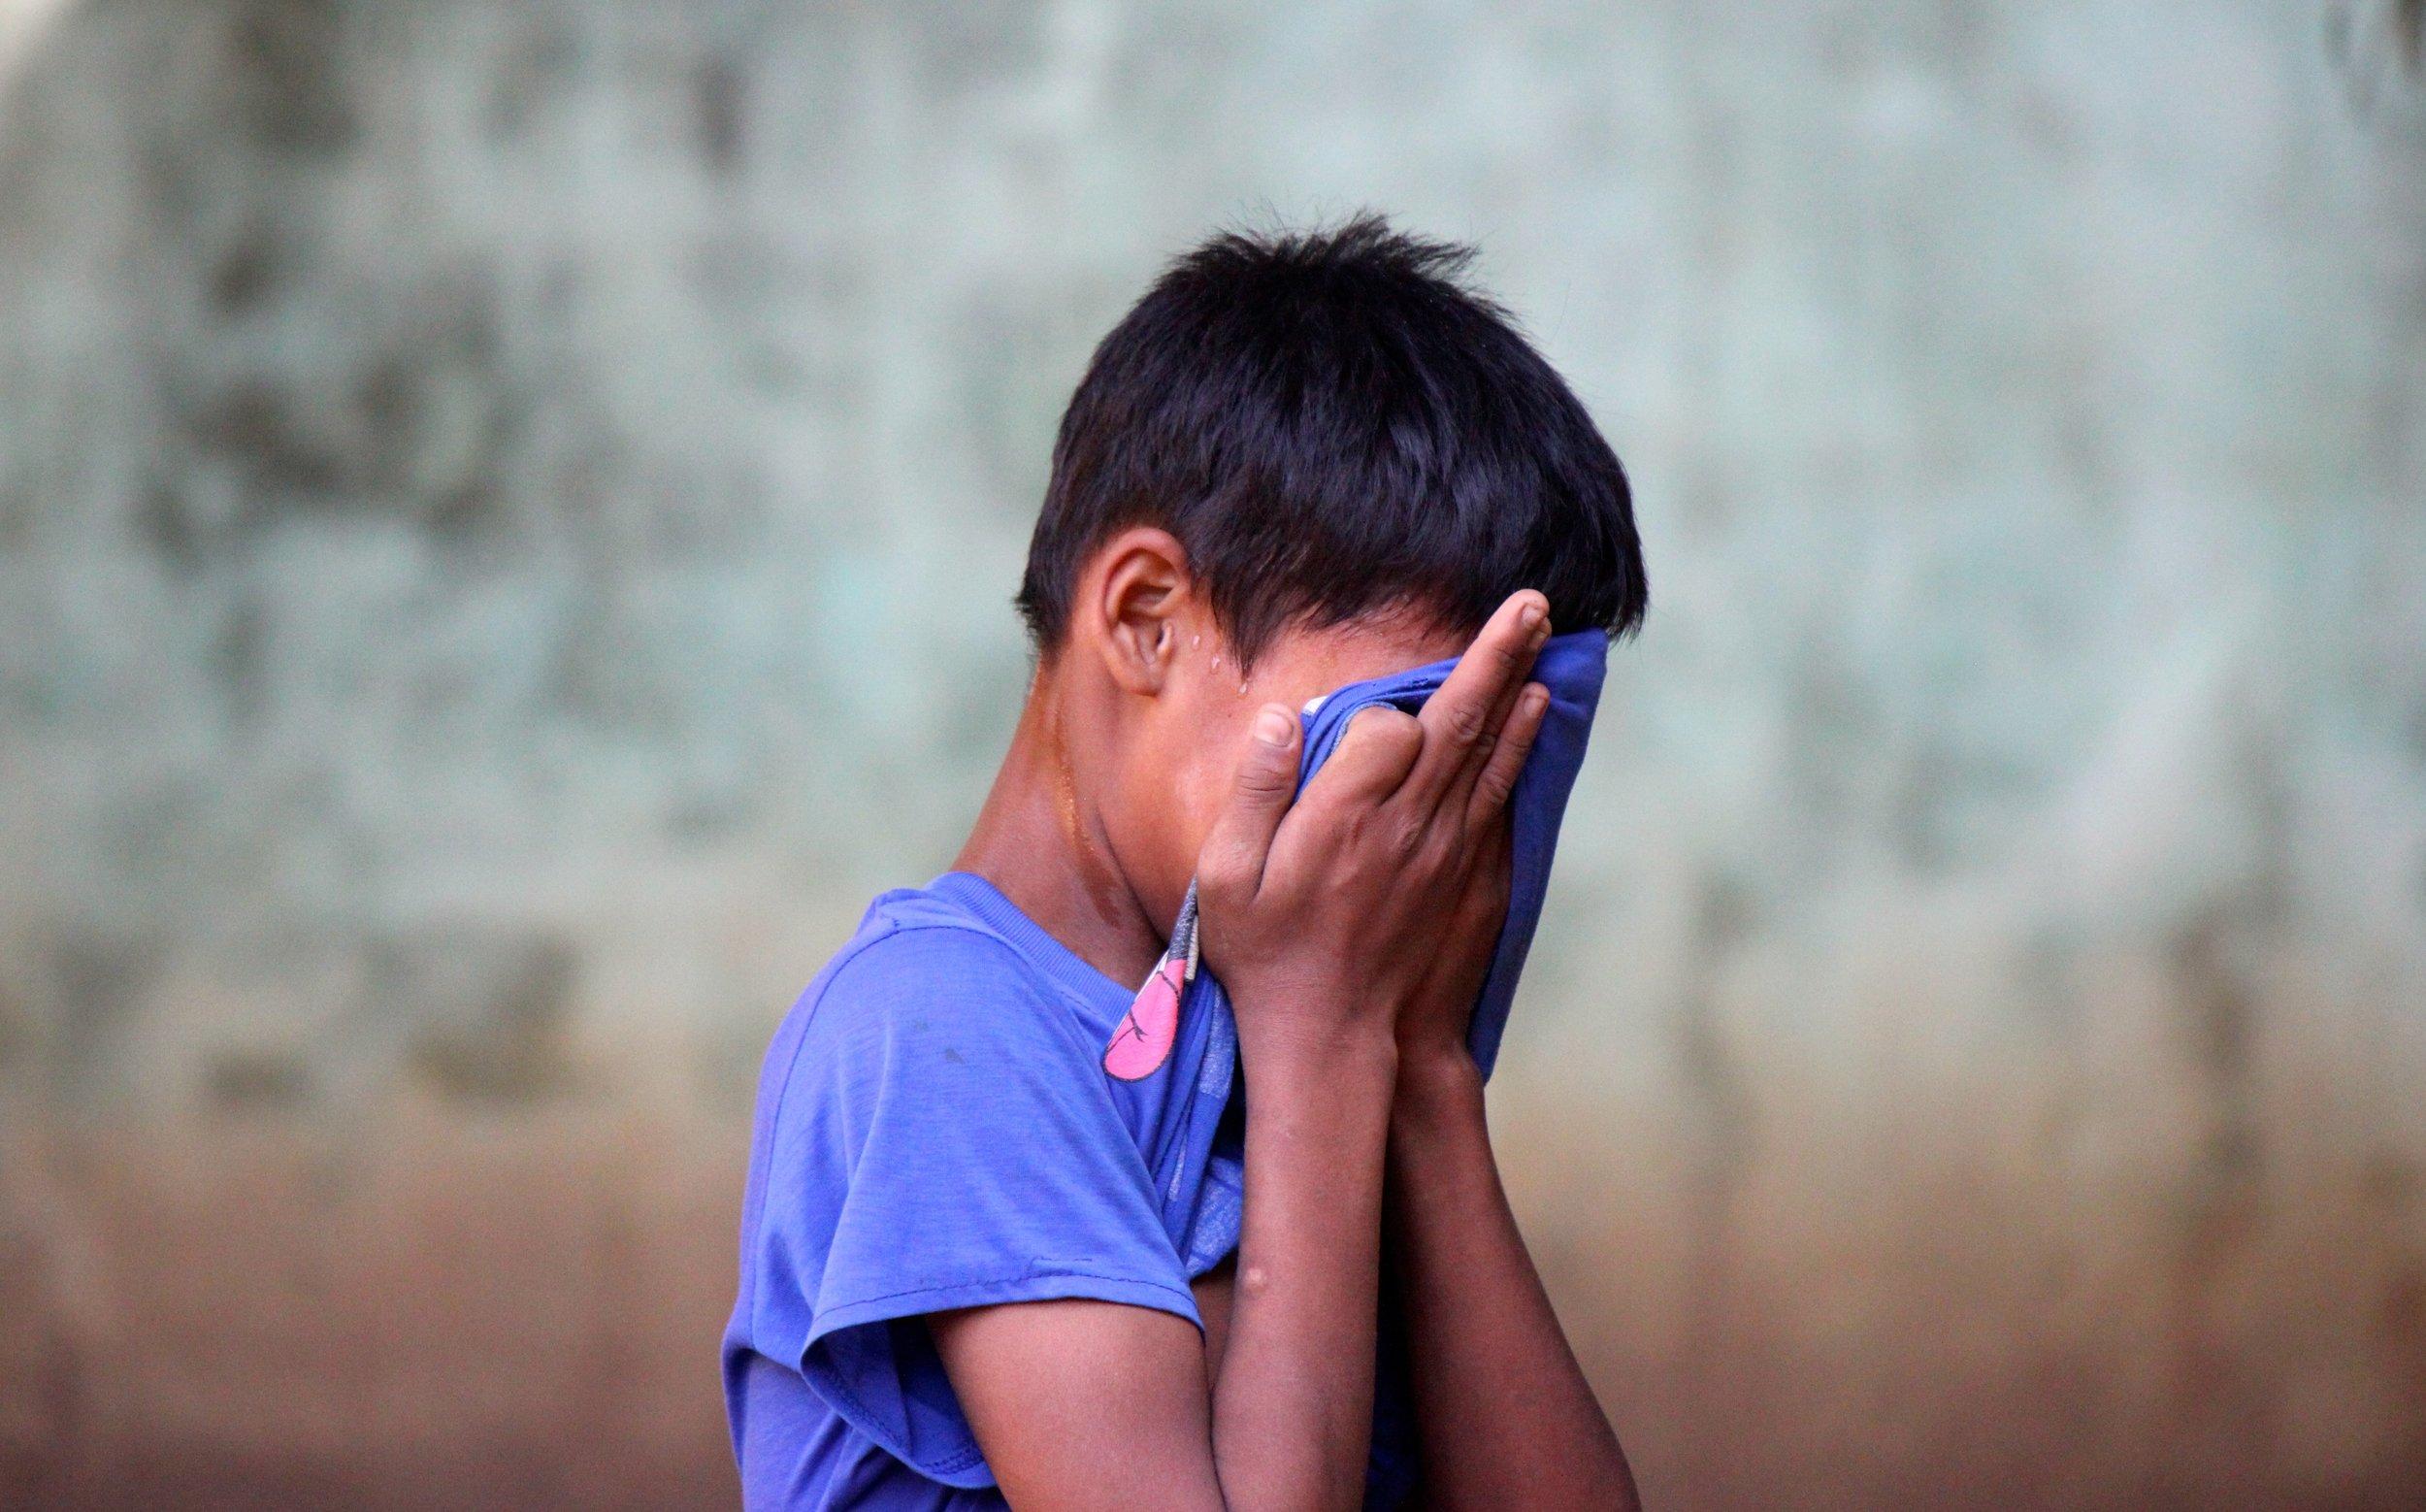 trauma-boy-crying.jpg